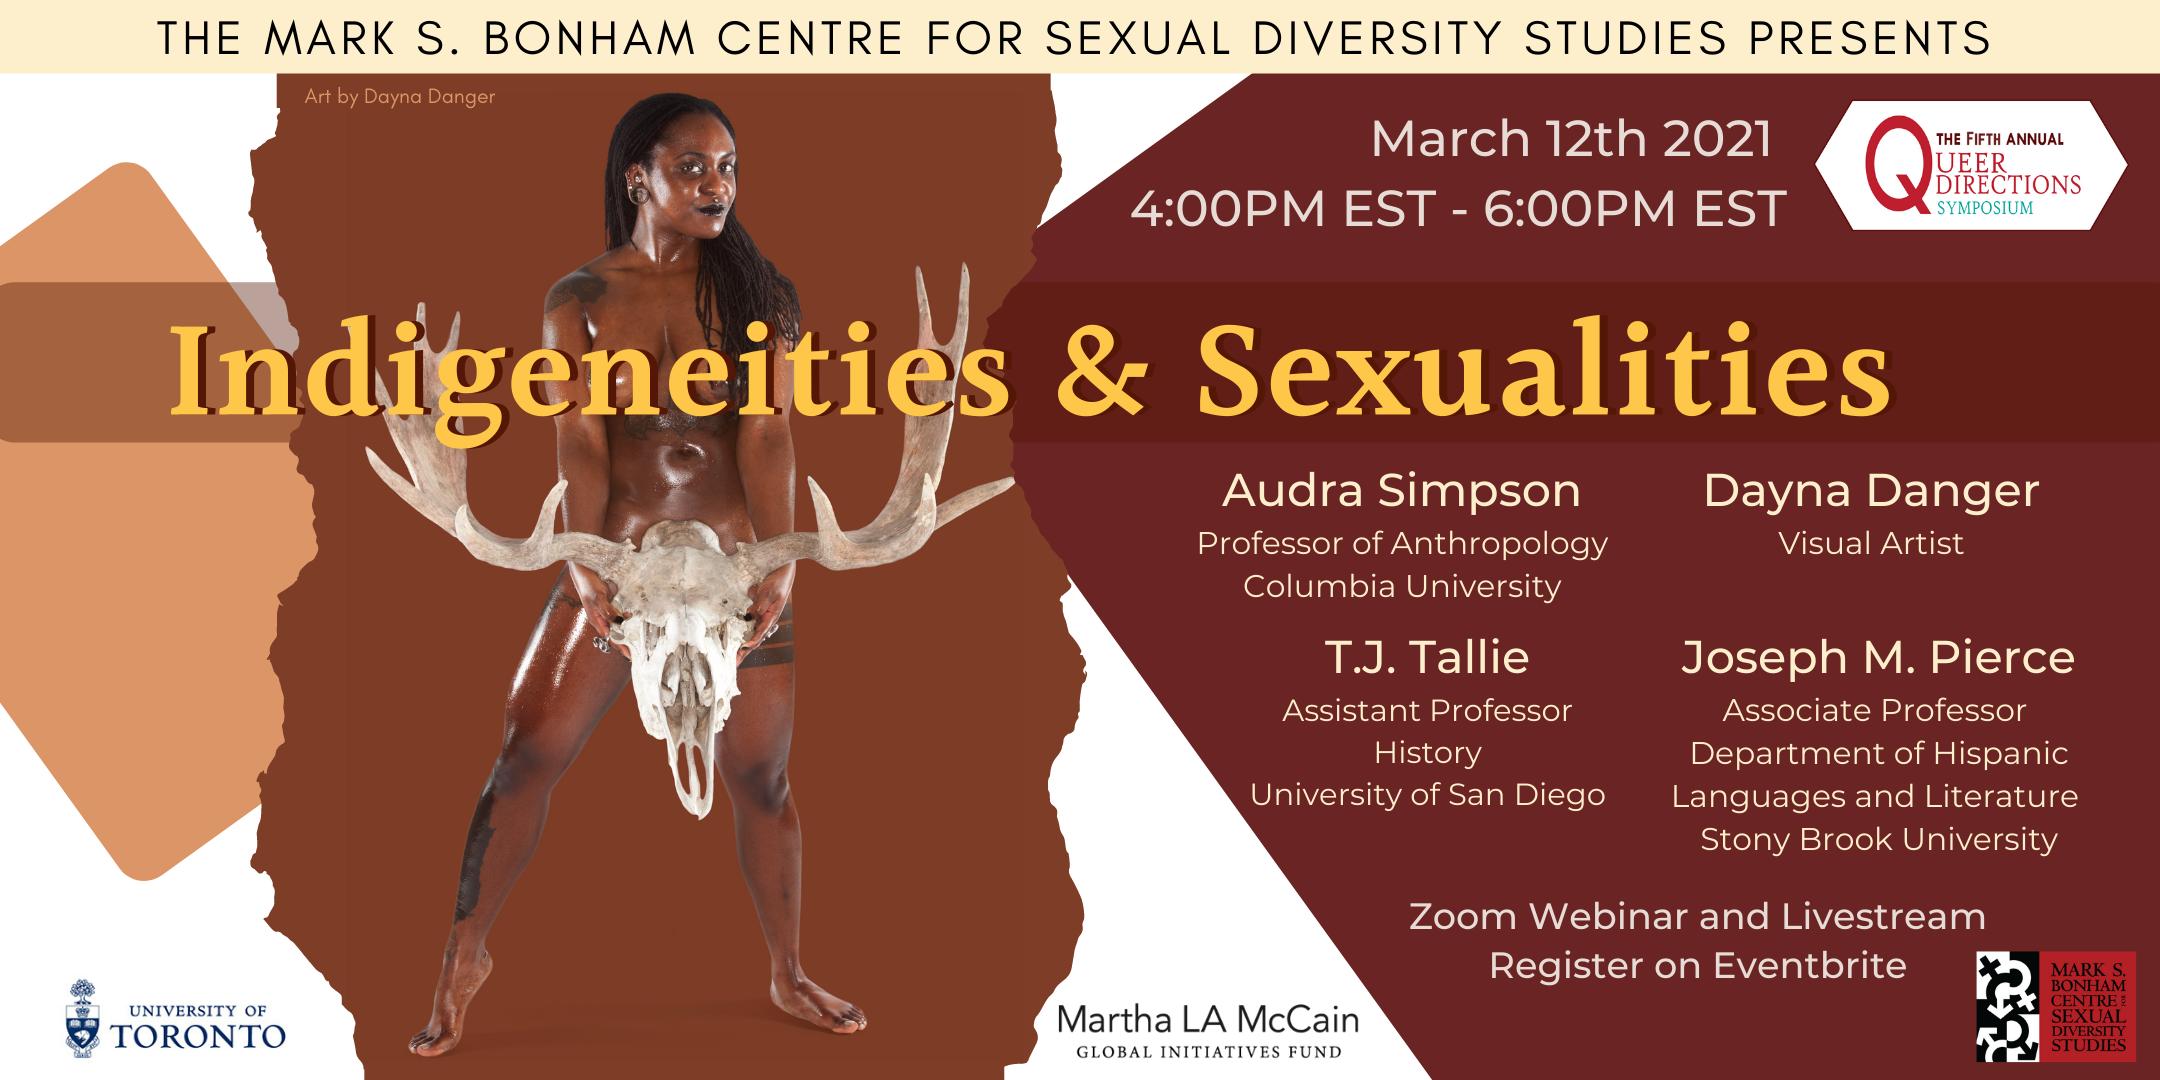 Queer Directions Symposium: Indigeneities & Sexualities